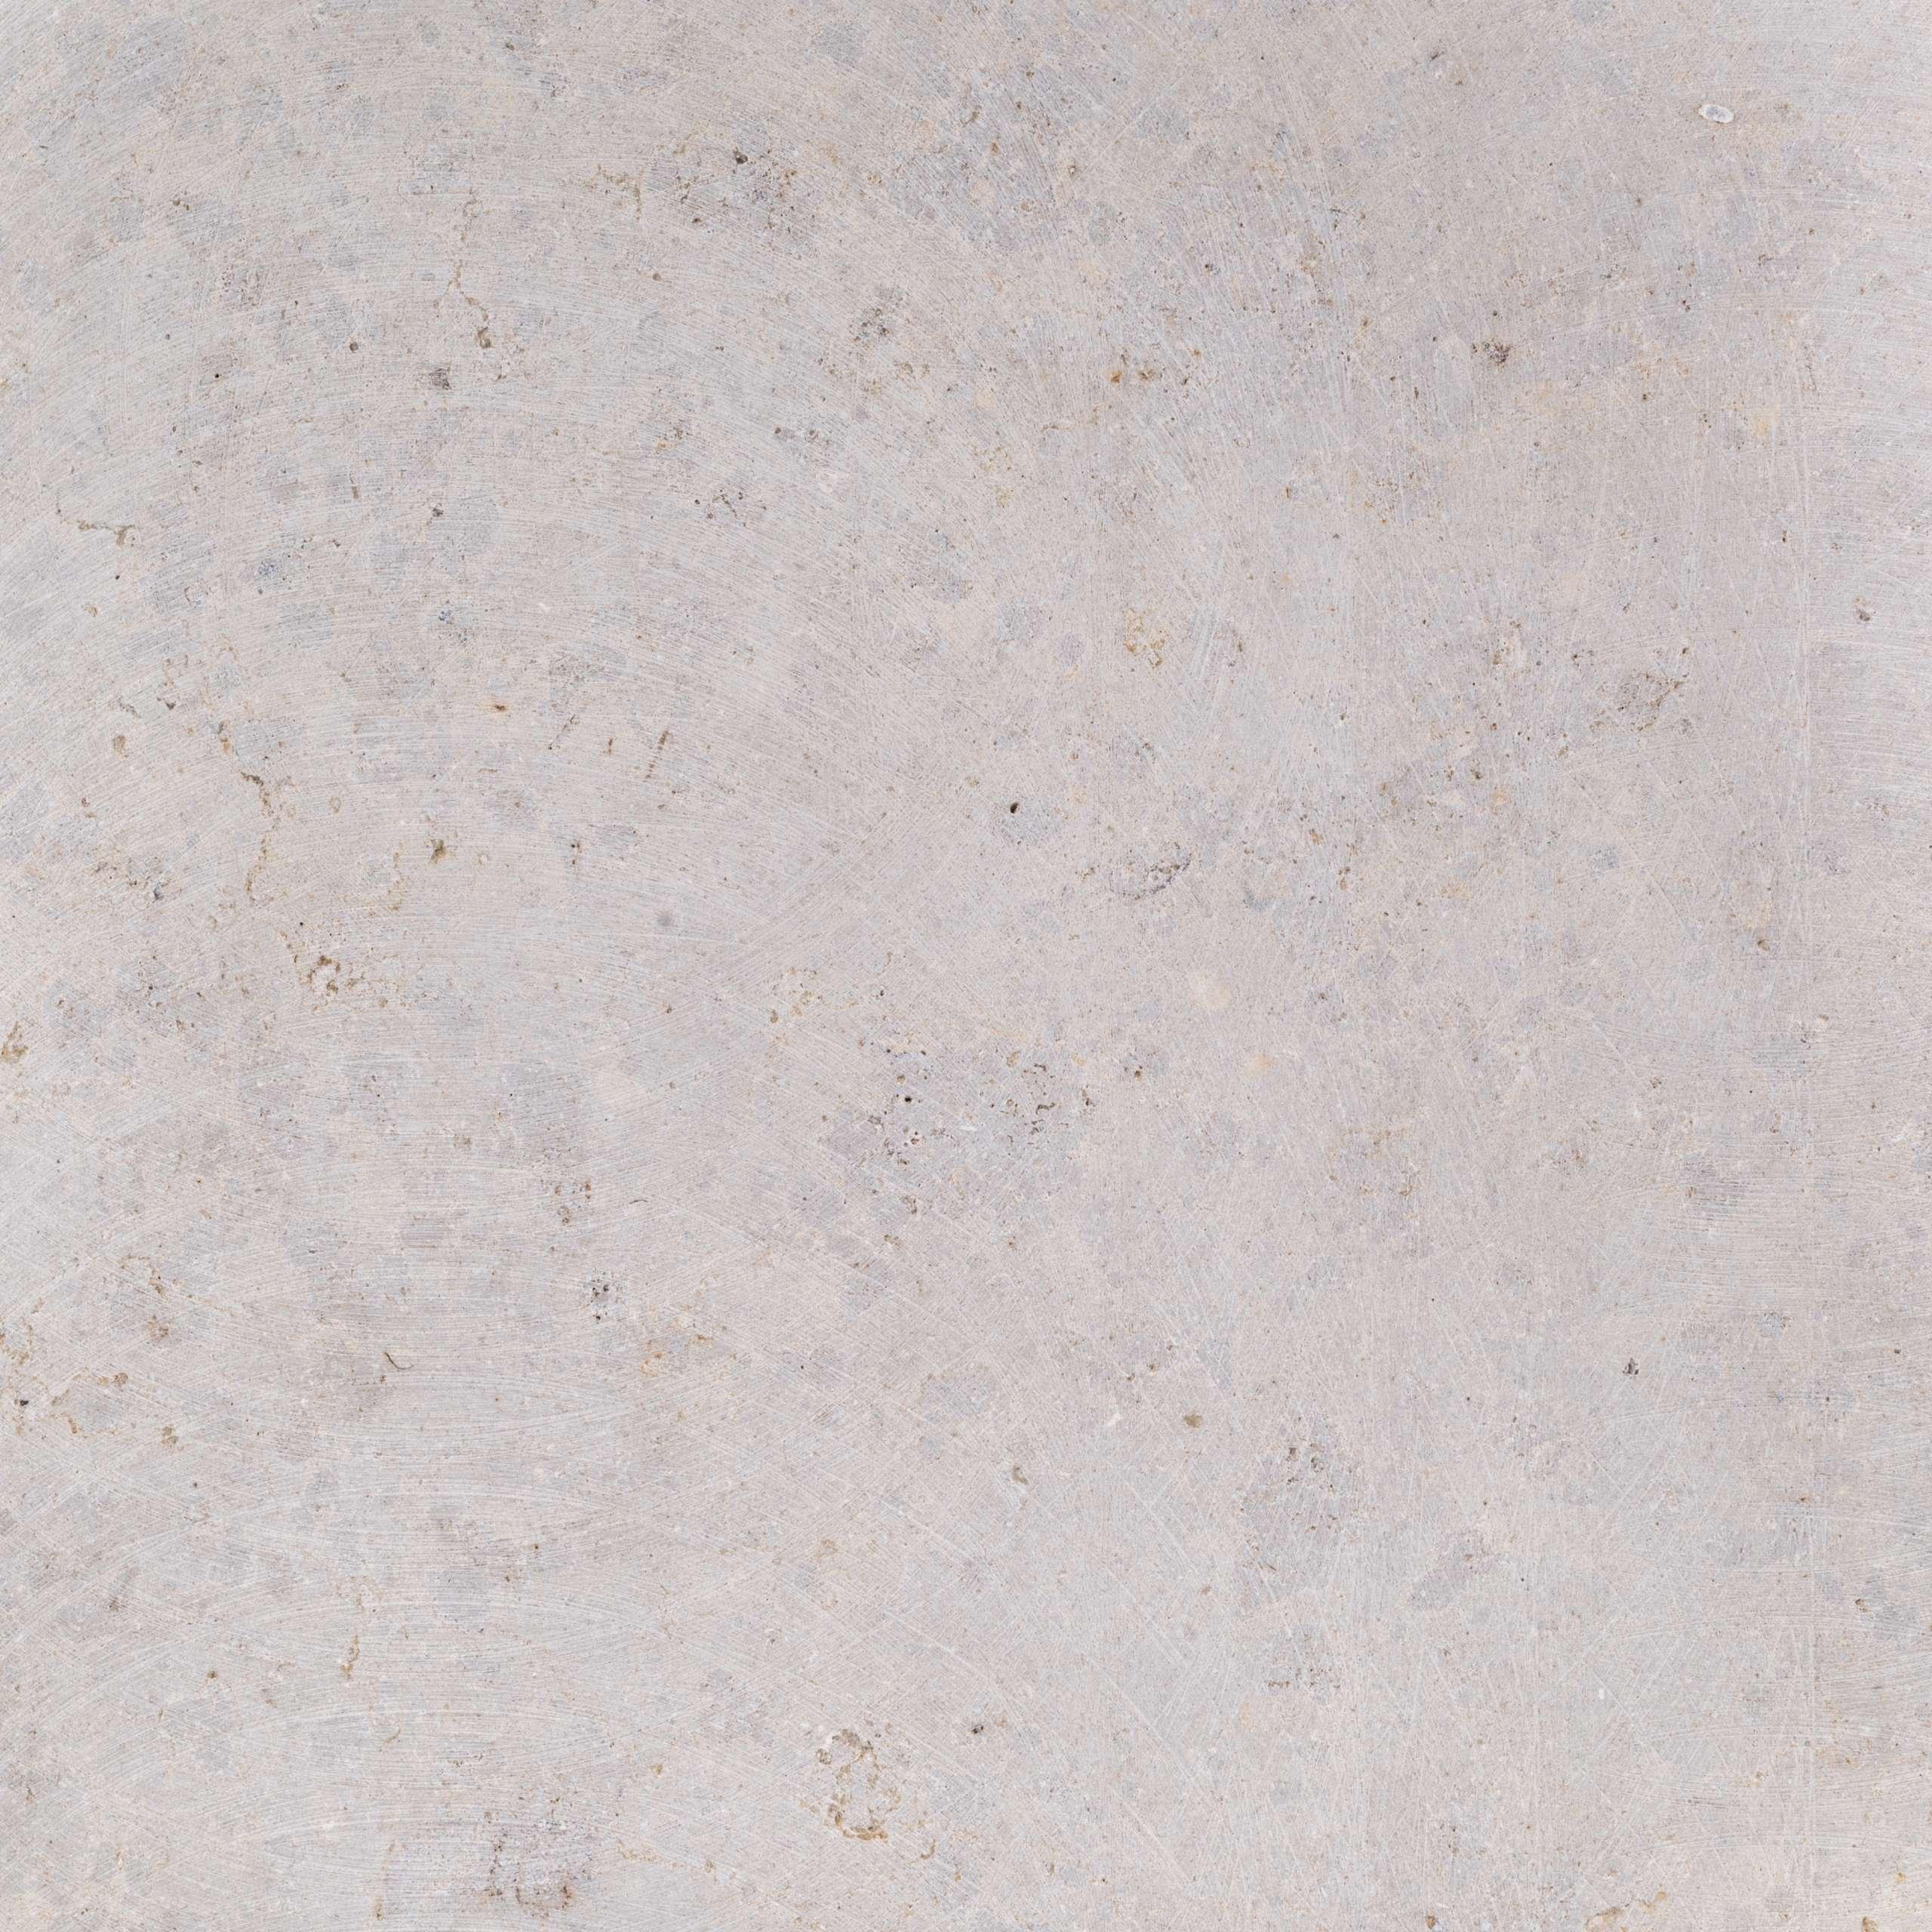 Dietfurter Kalkstein dietfurter kalkstein gala aussenbereich muster fs natursteine